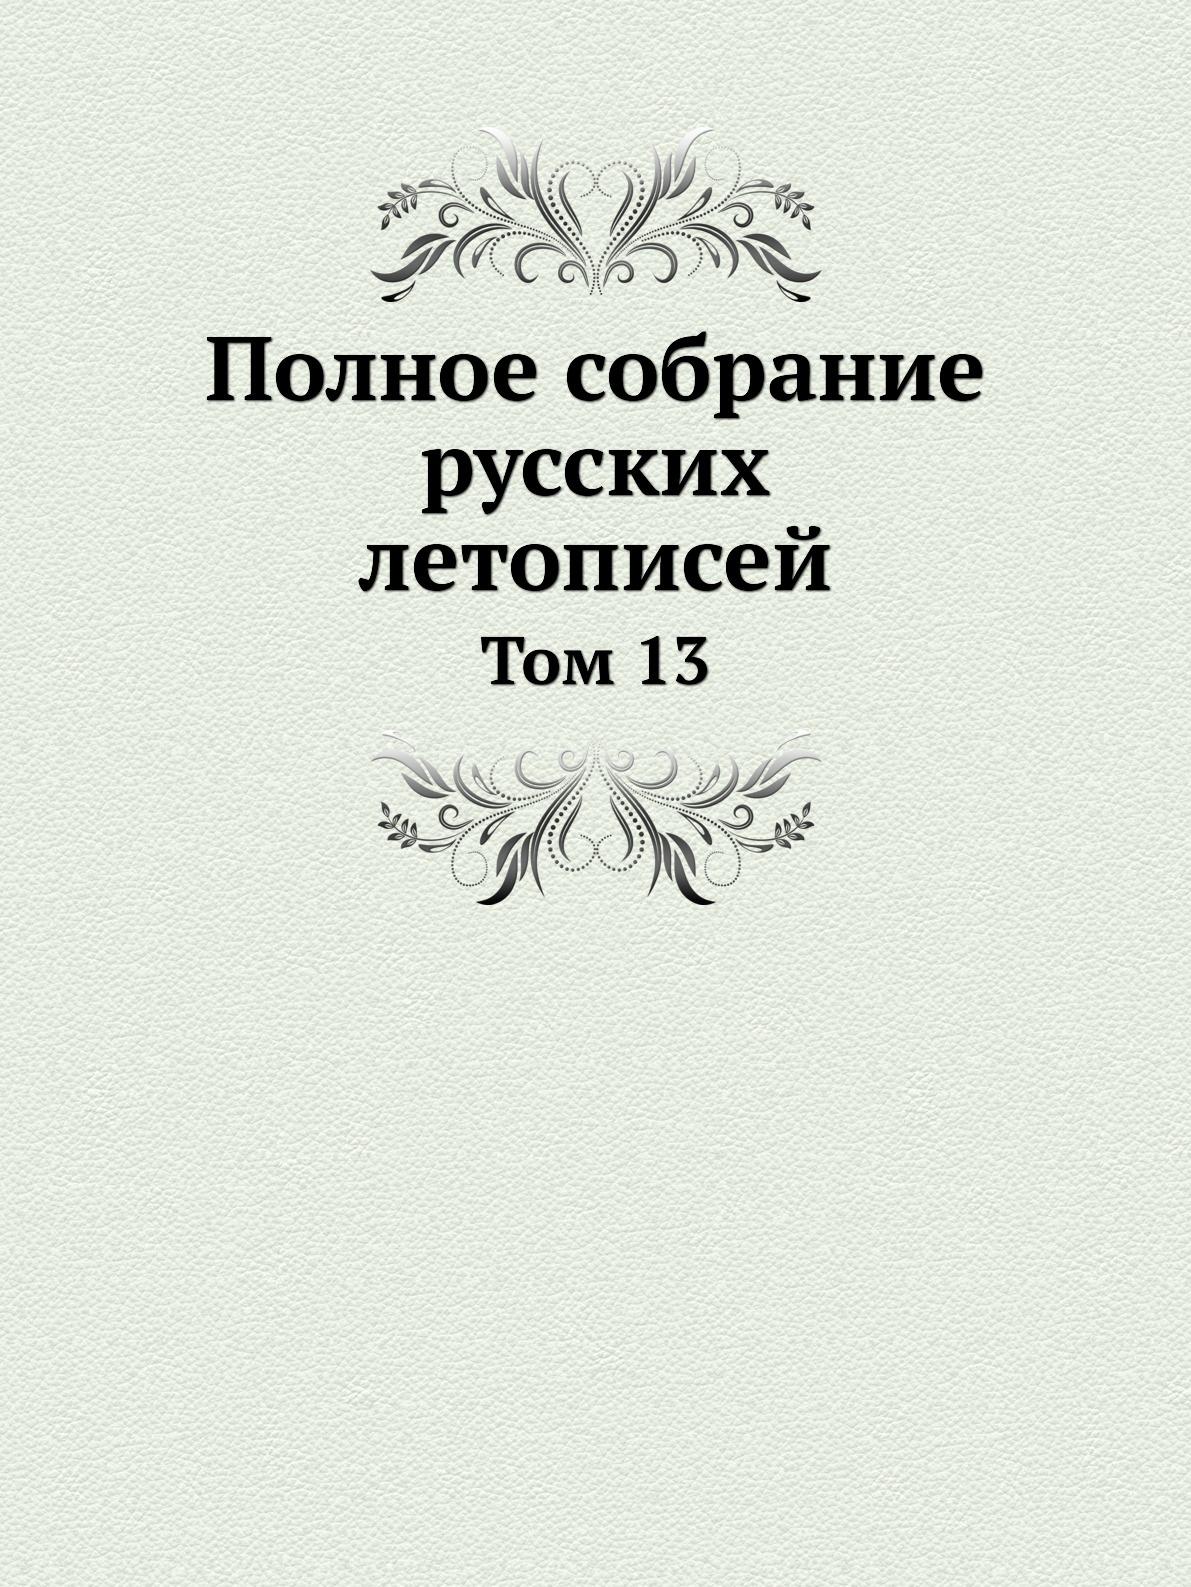 Полное собрание русских летописей. Том 13